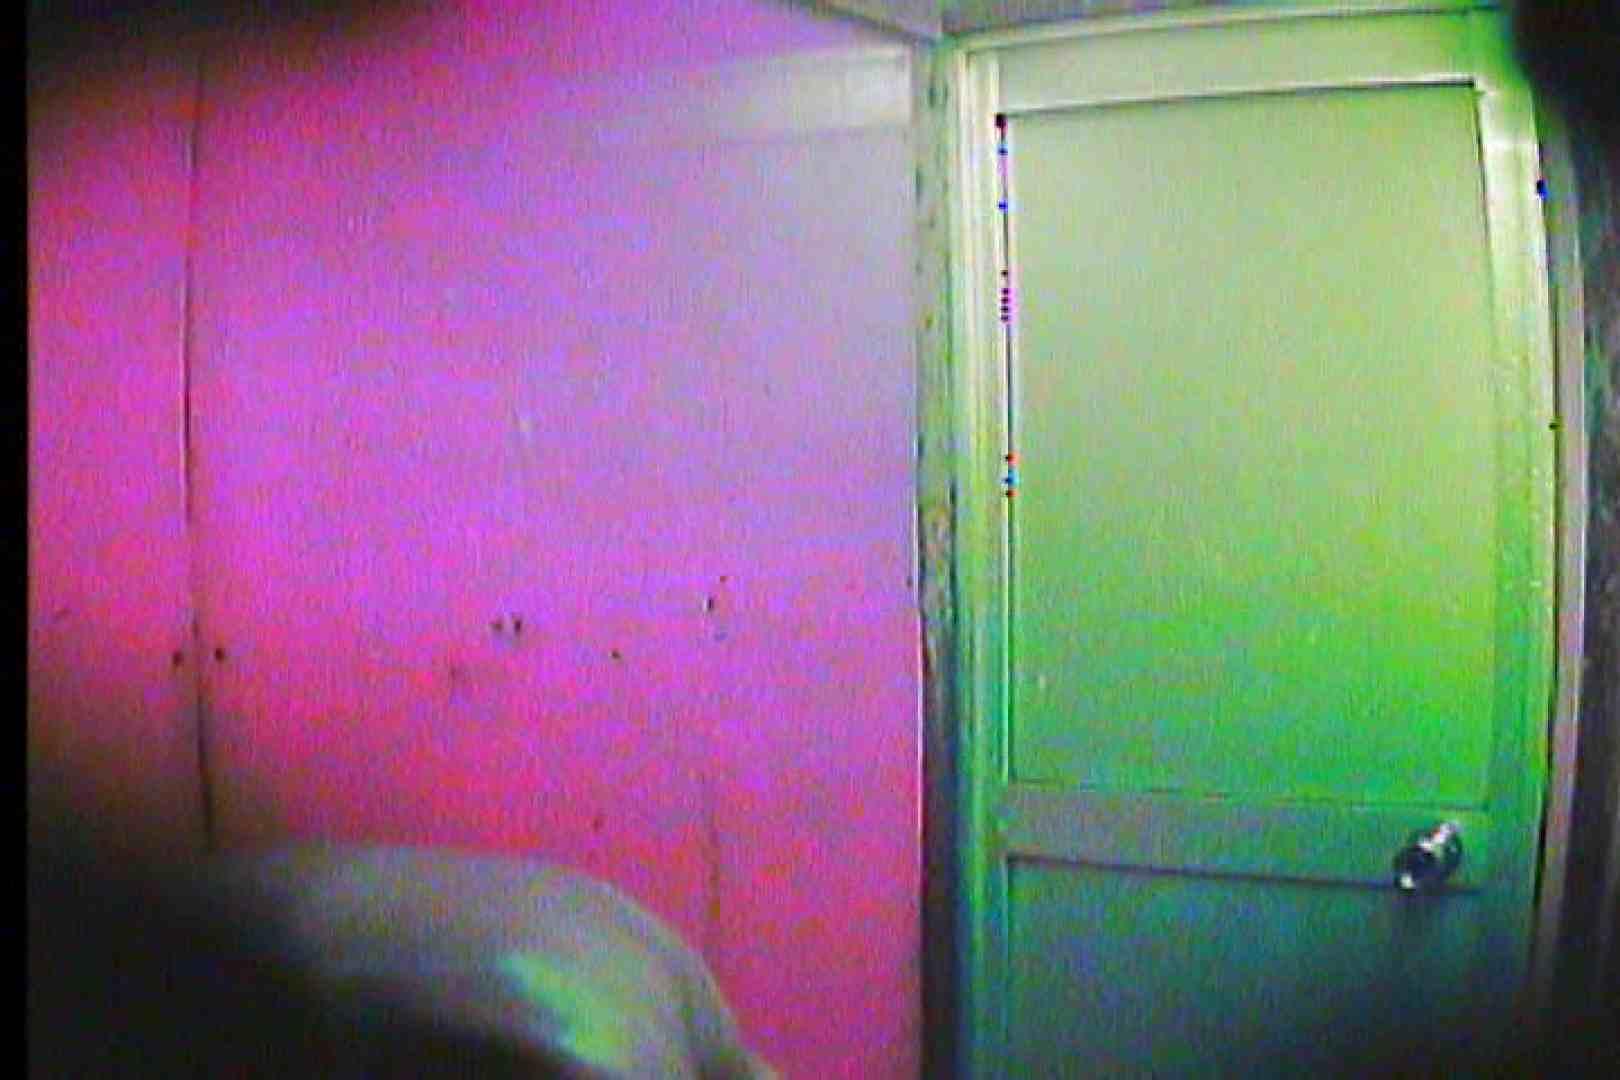 海の家の更衣室 Vol.46 OLの実態  99pic 57